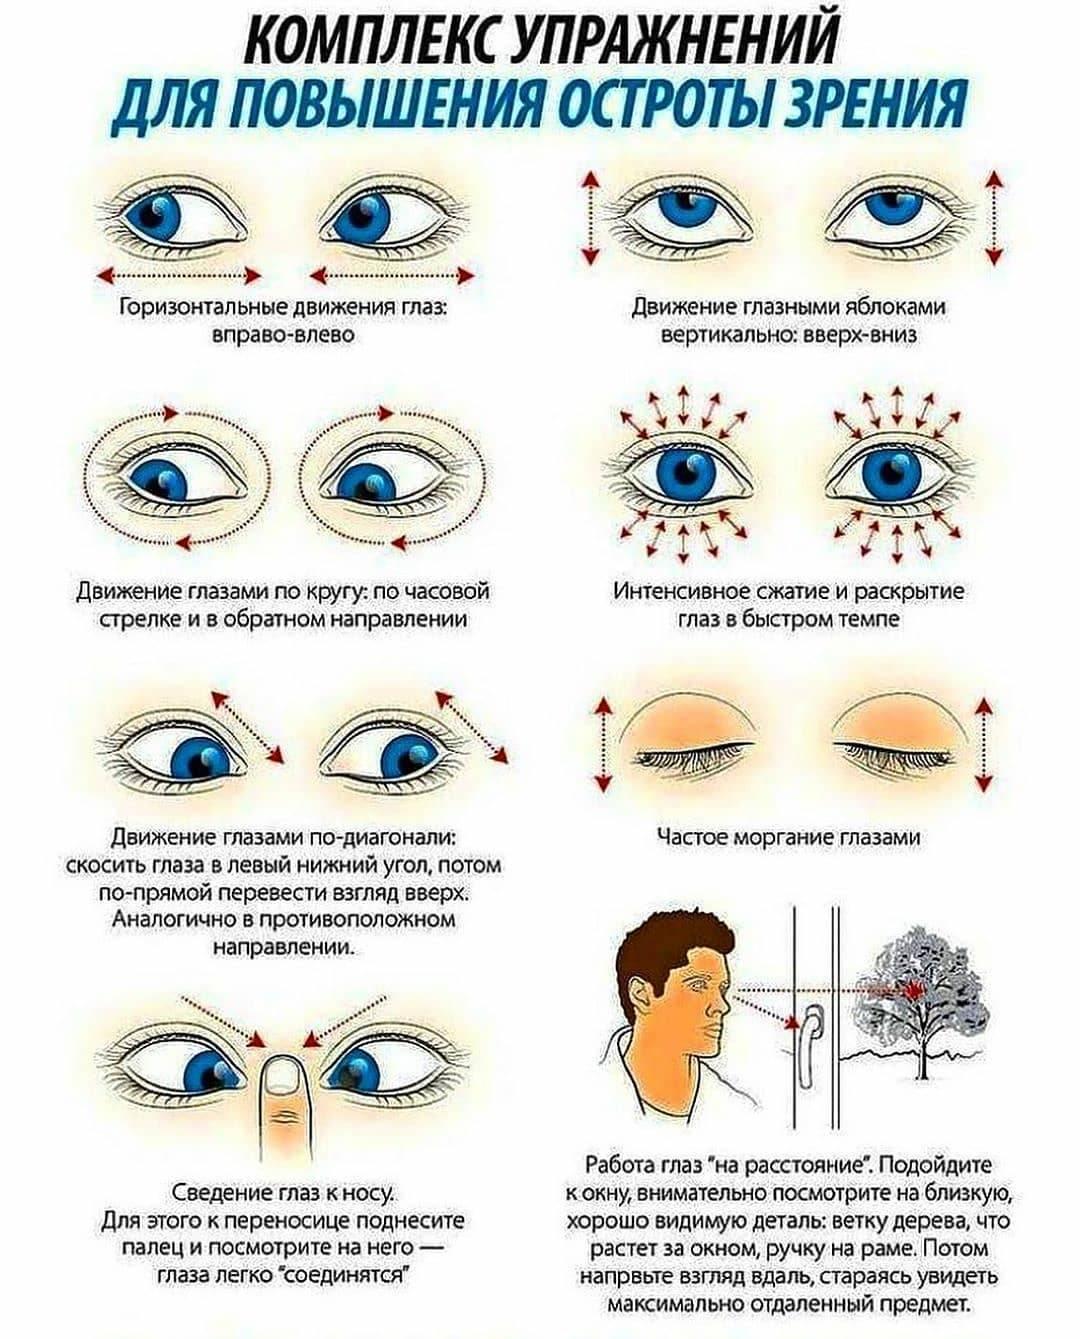 Зарядка для глаз при работе за компьютером 15 упражнений